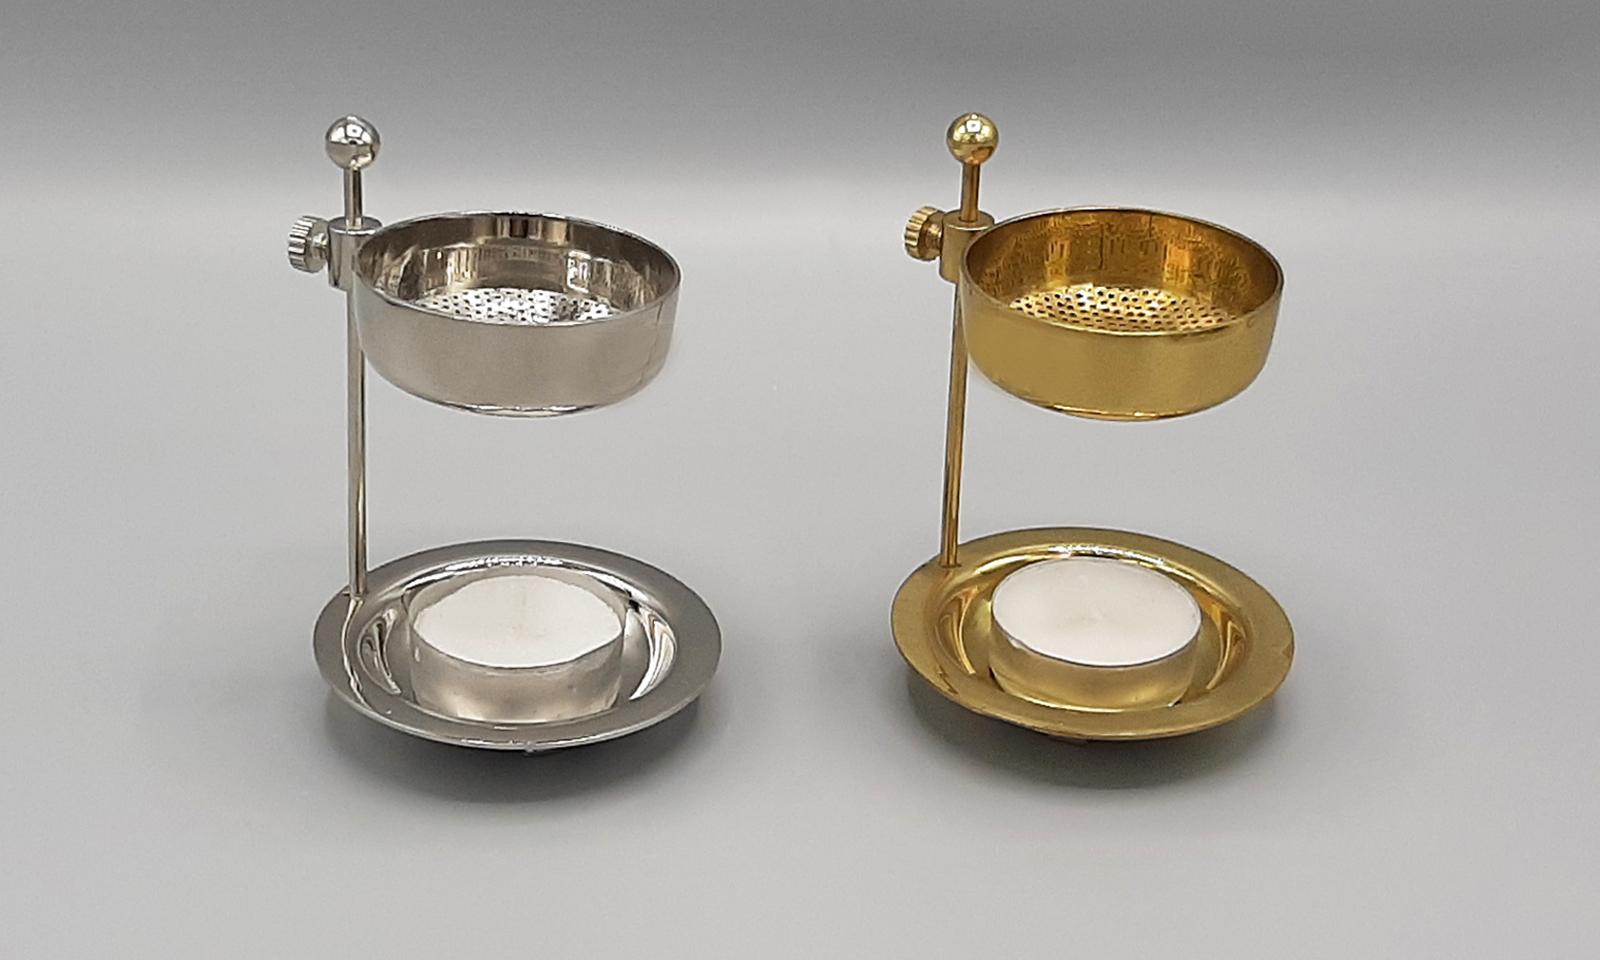 Weihrauchstövchen gold und silber